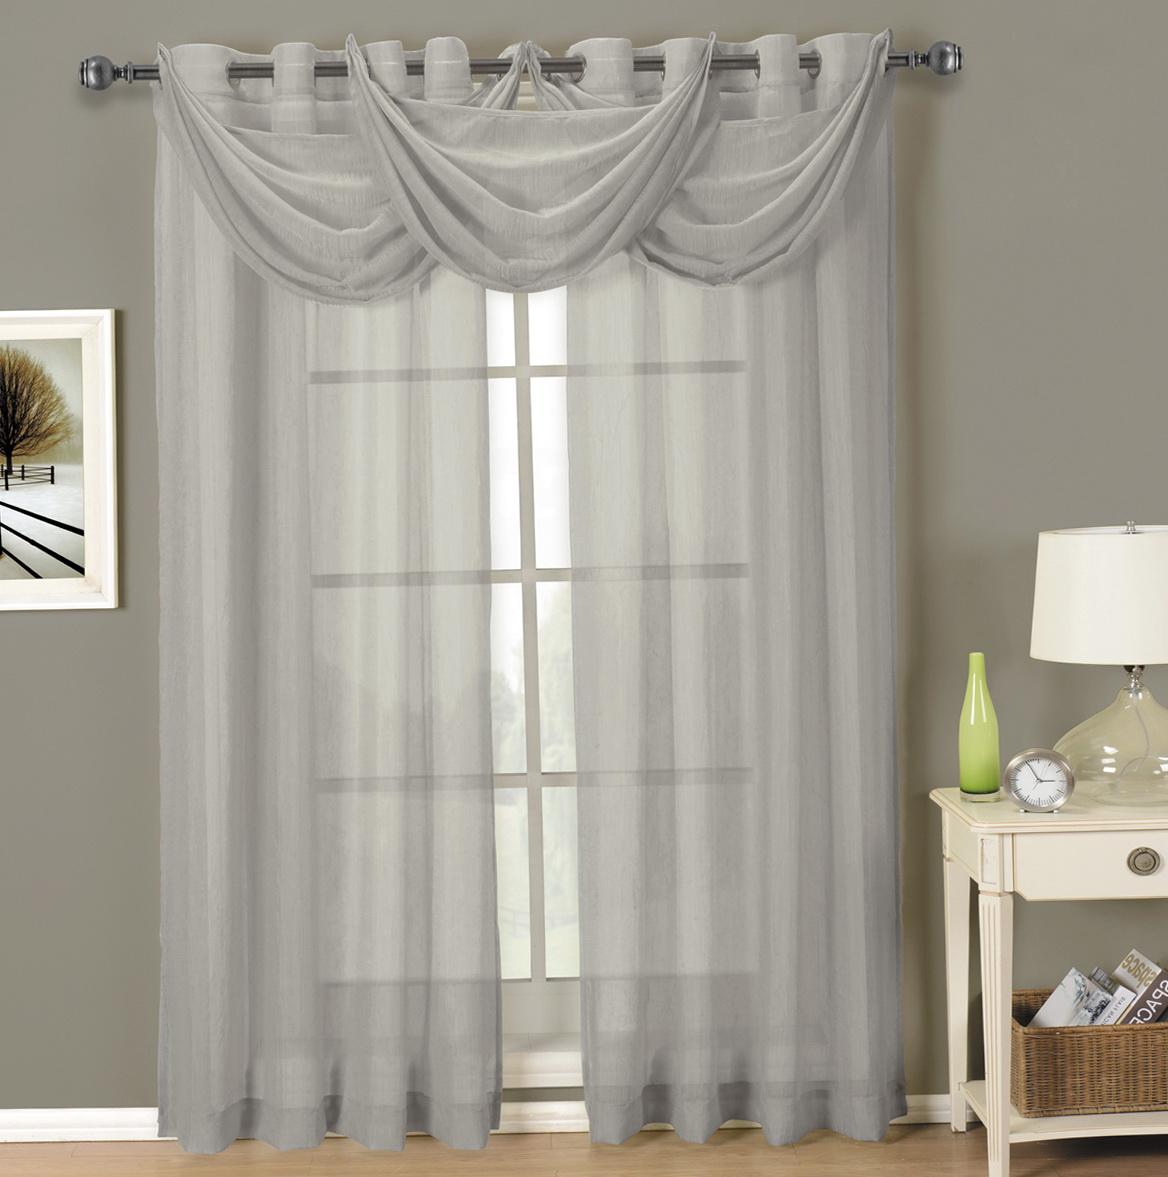 96 Inch Curtains Grey